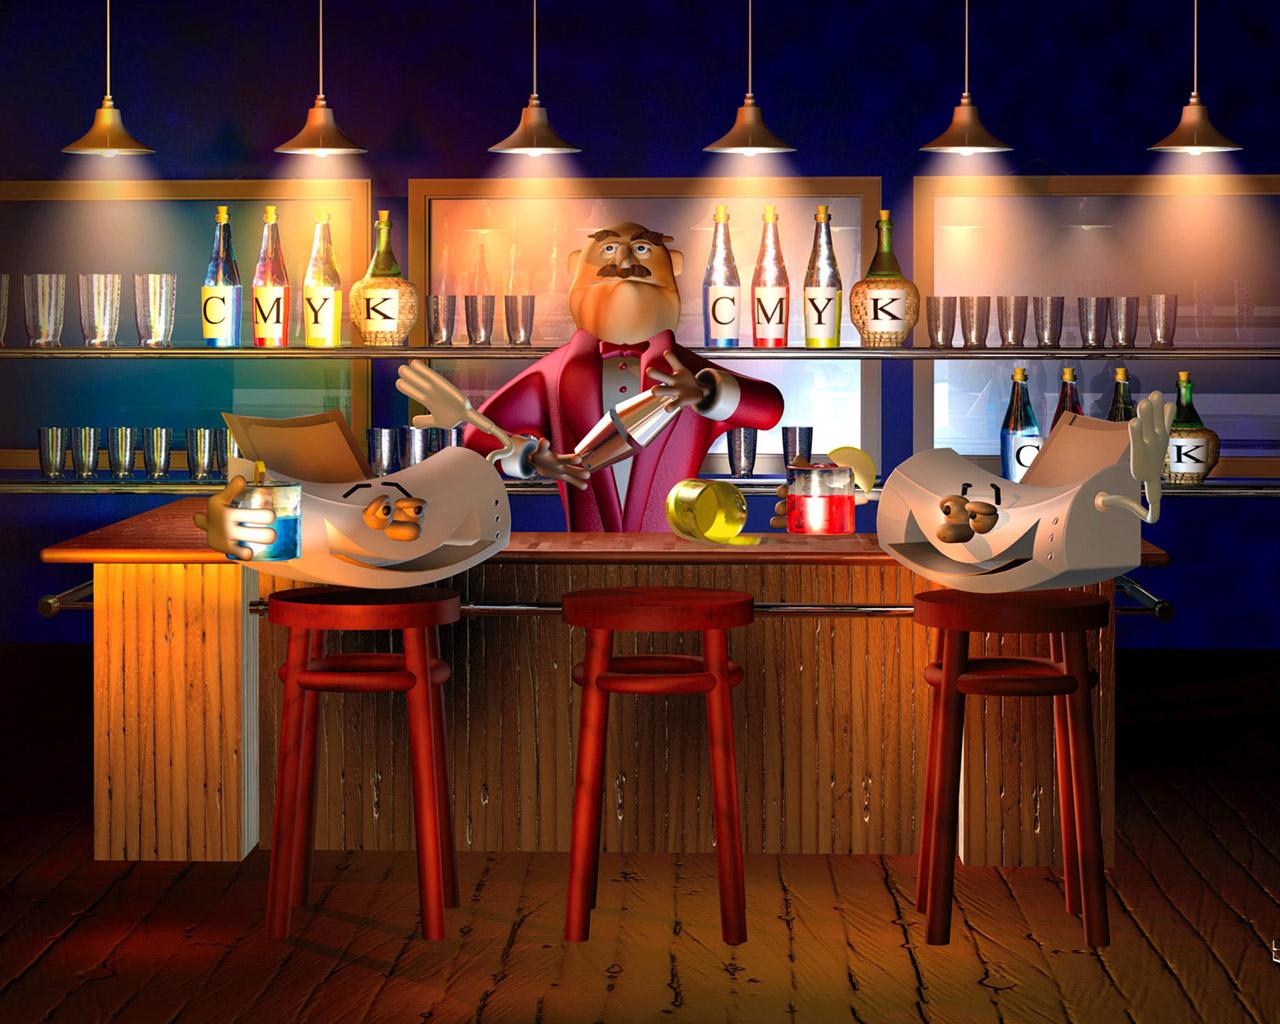 HD Wallpaper Pub